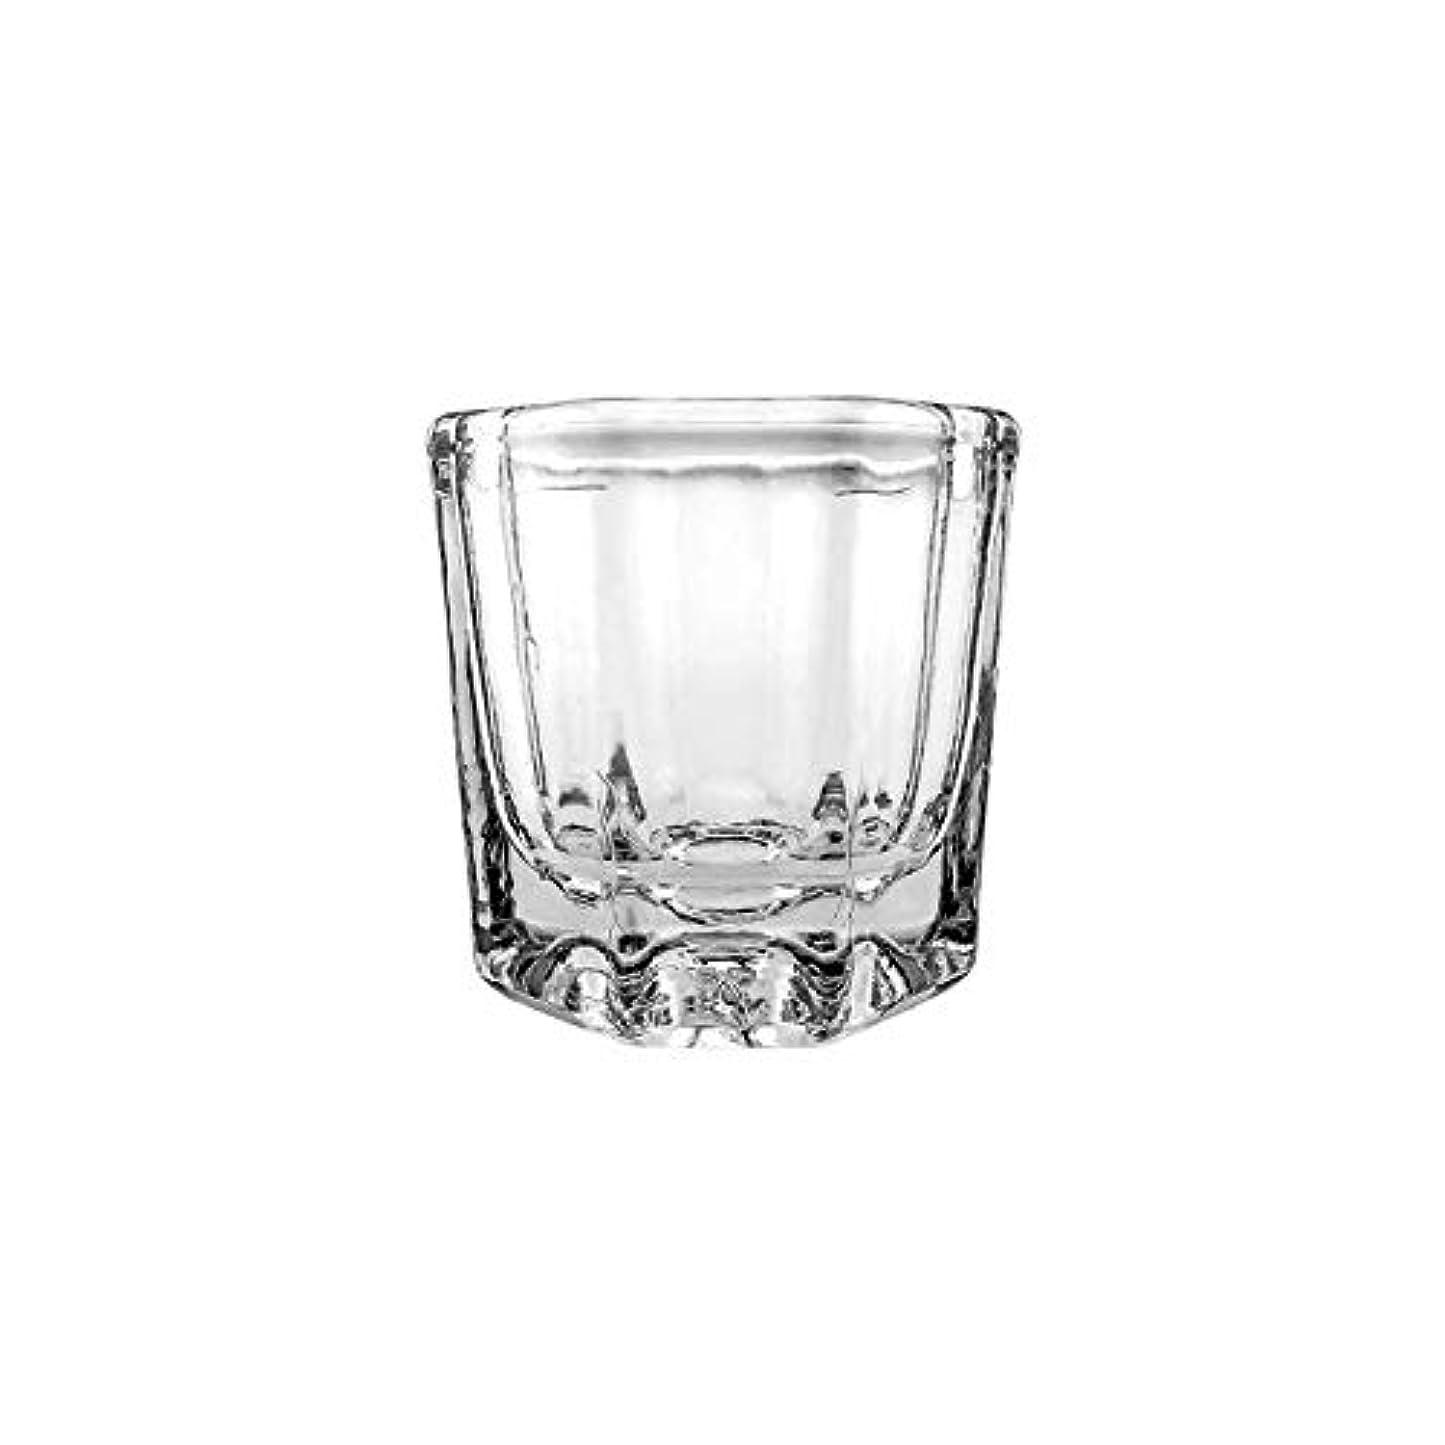 閃光取得する賢いLALONA ダッペンディッシュ (ガラス製) (耐溶剤) ジェルネイル スカルプチュア ブラシの洗浄に